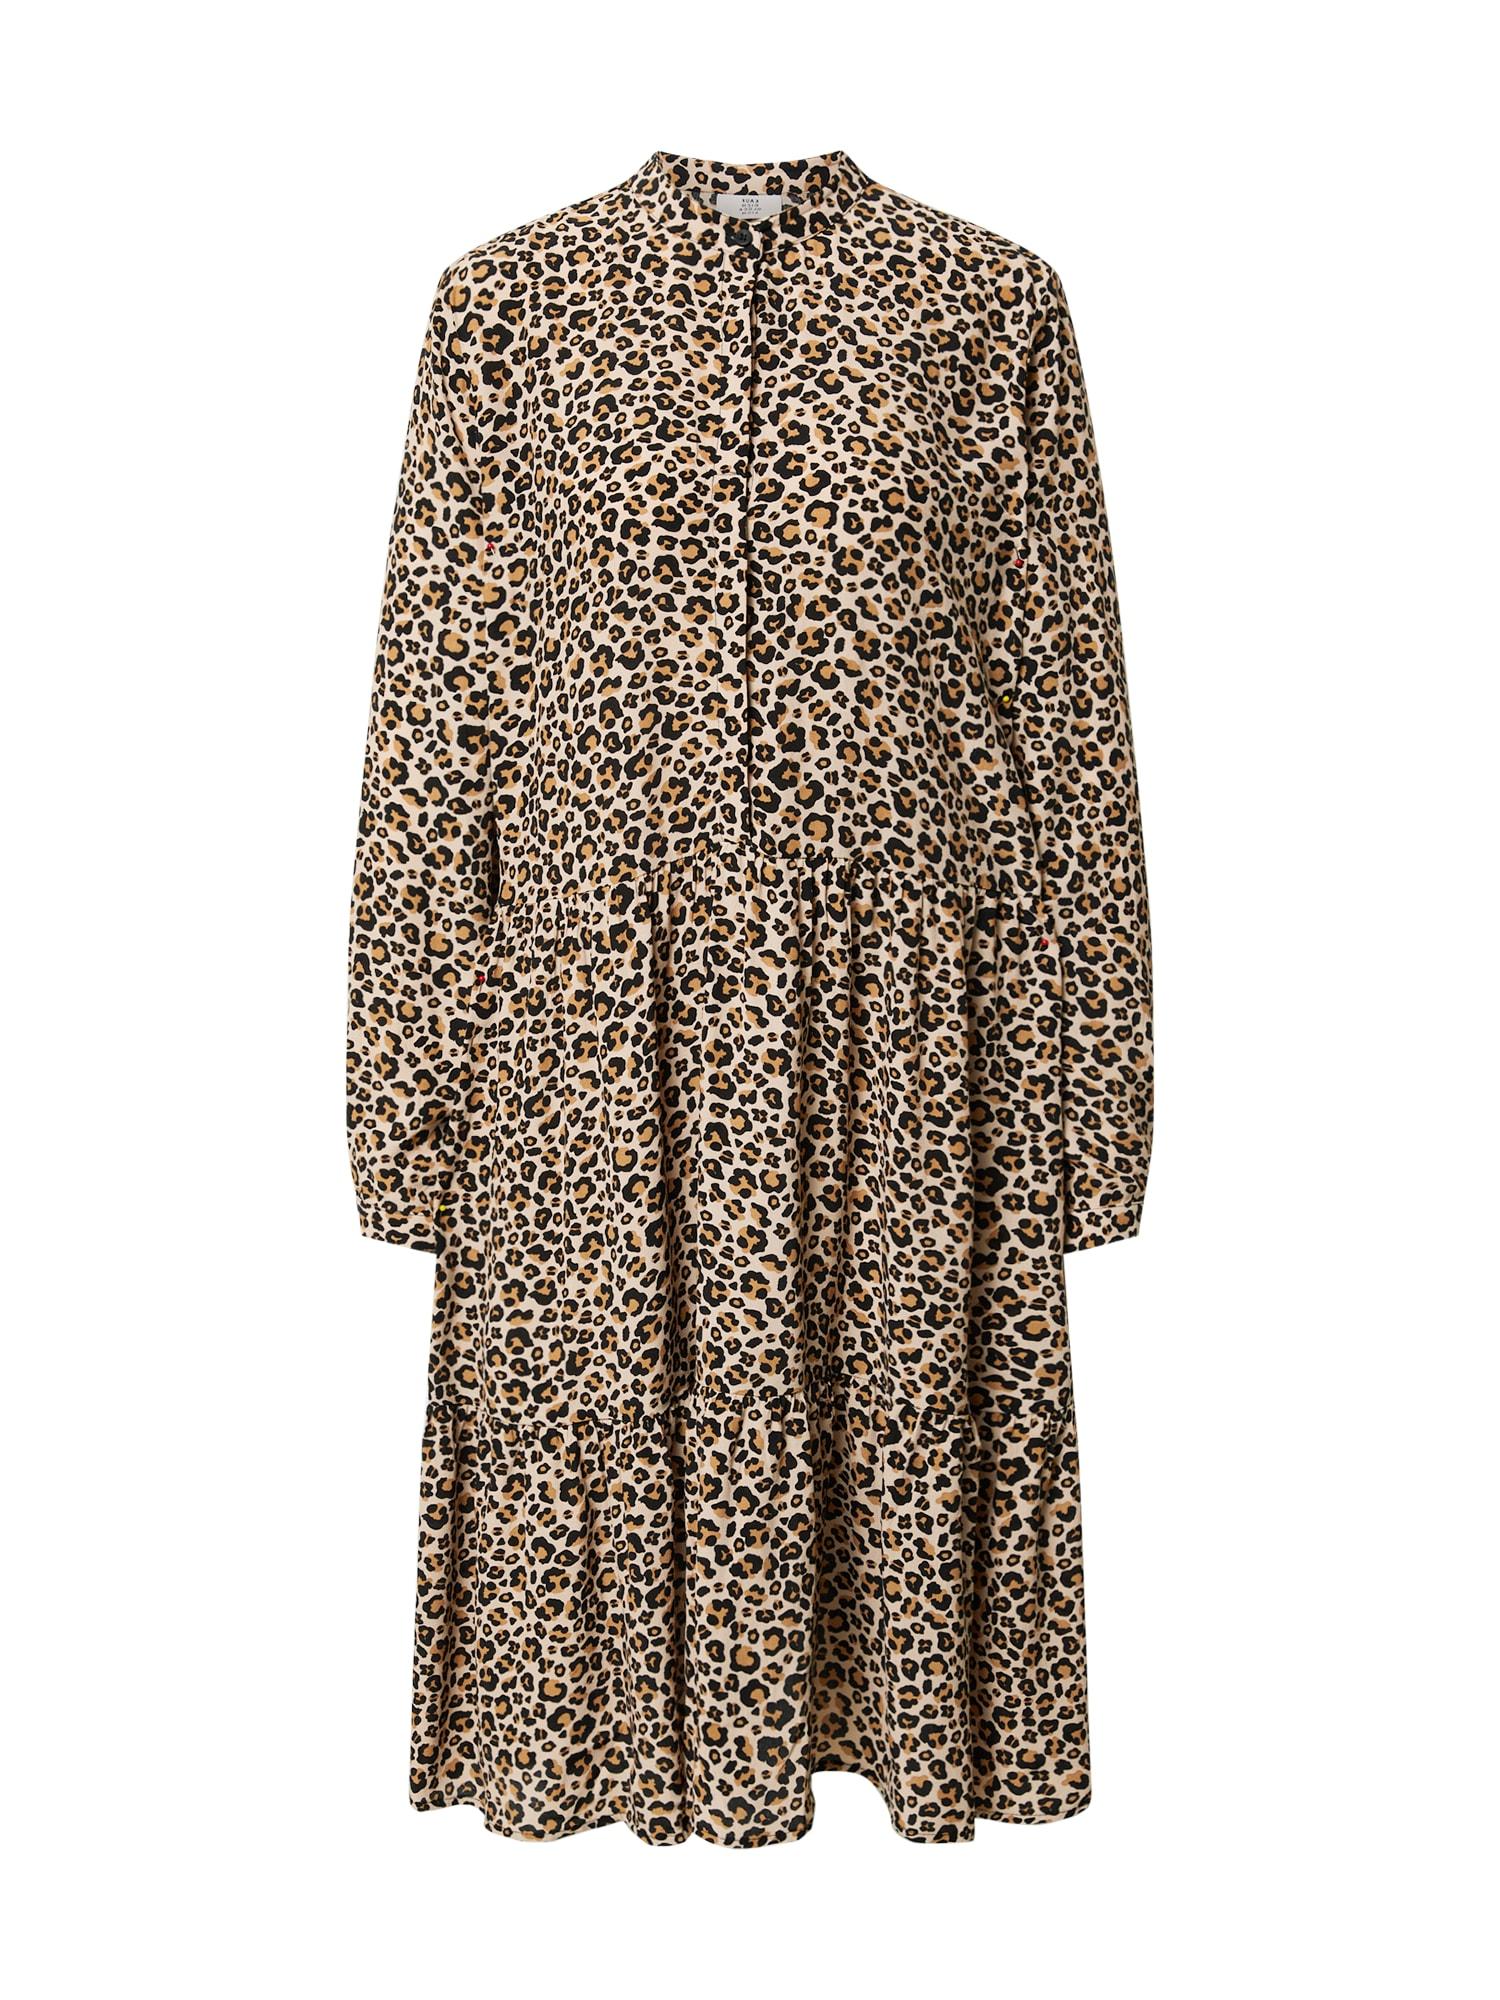 Kauf Dich Glücklich Palaidinės tipo suknelė šviesiai ruda / smėlio spalva / juoda